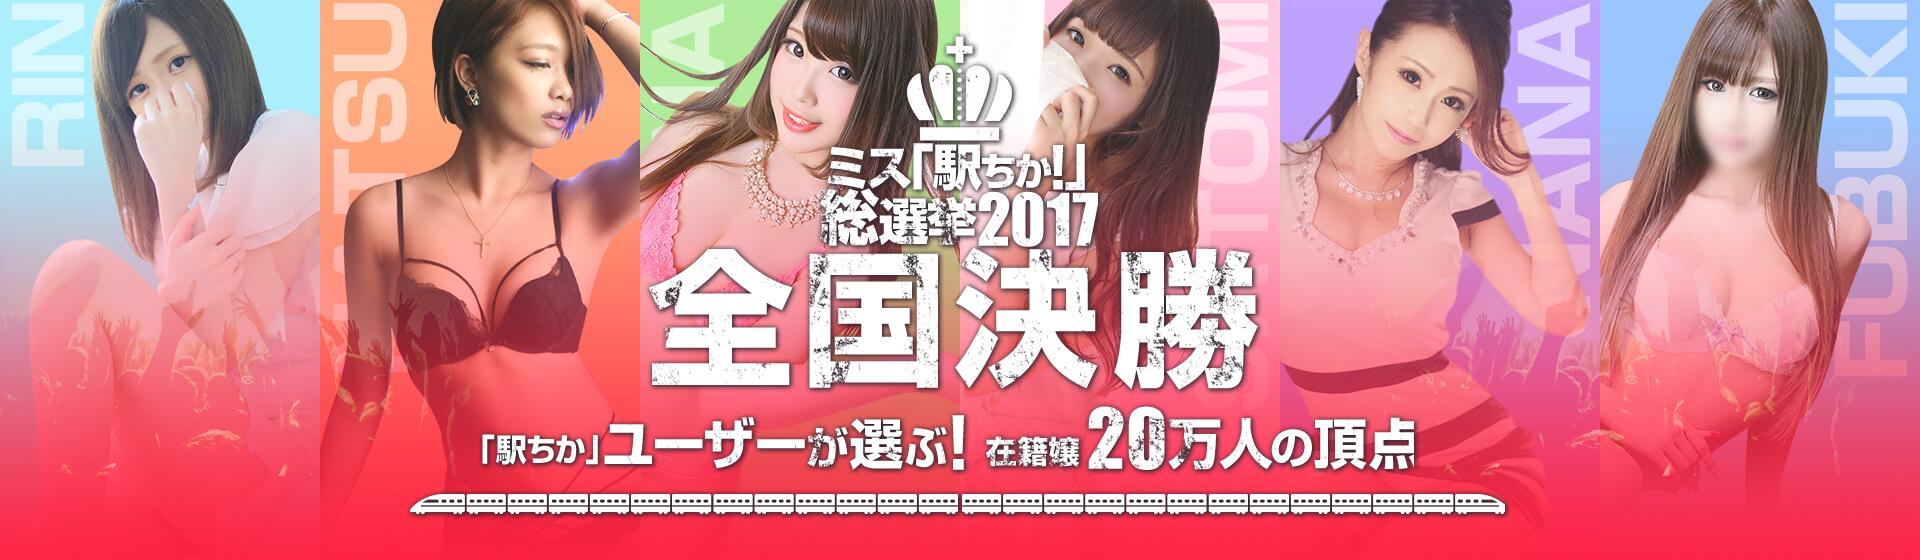 ミス「駅ちか!」総選挙2017全国決勝